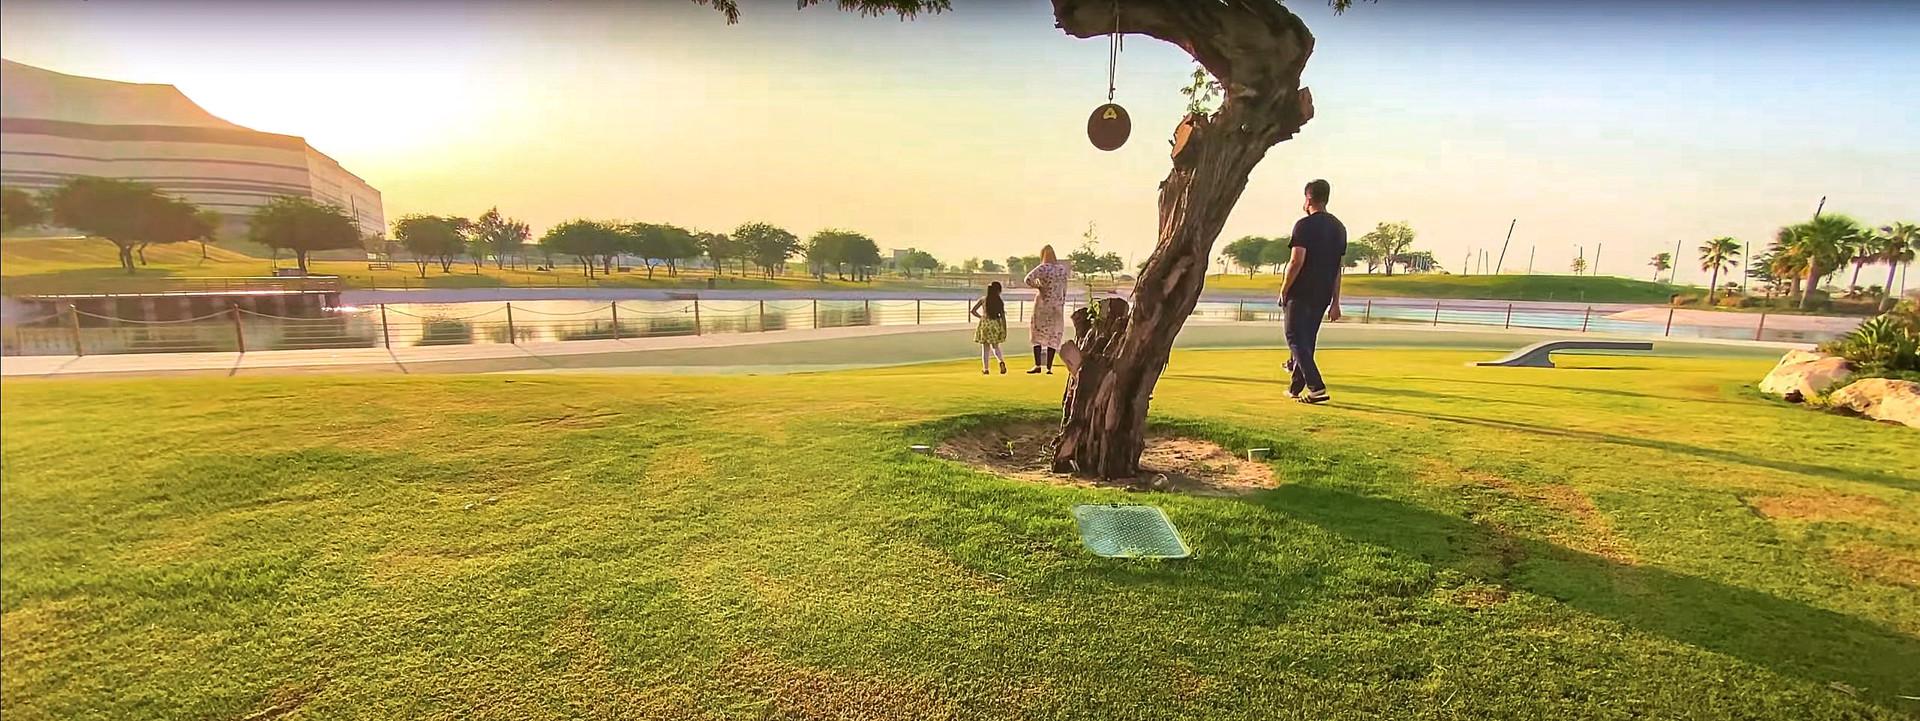 Al-bayt-park-design-lake.jpg